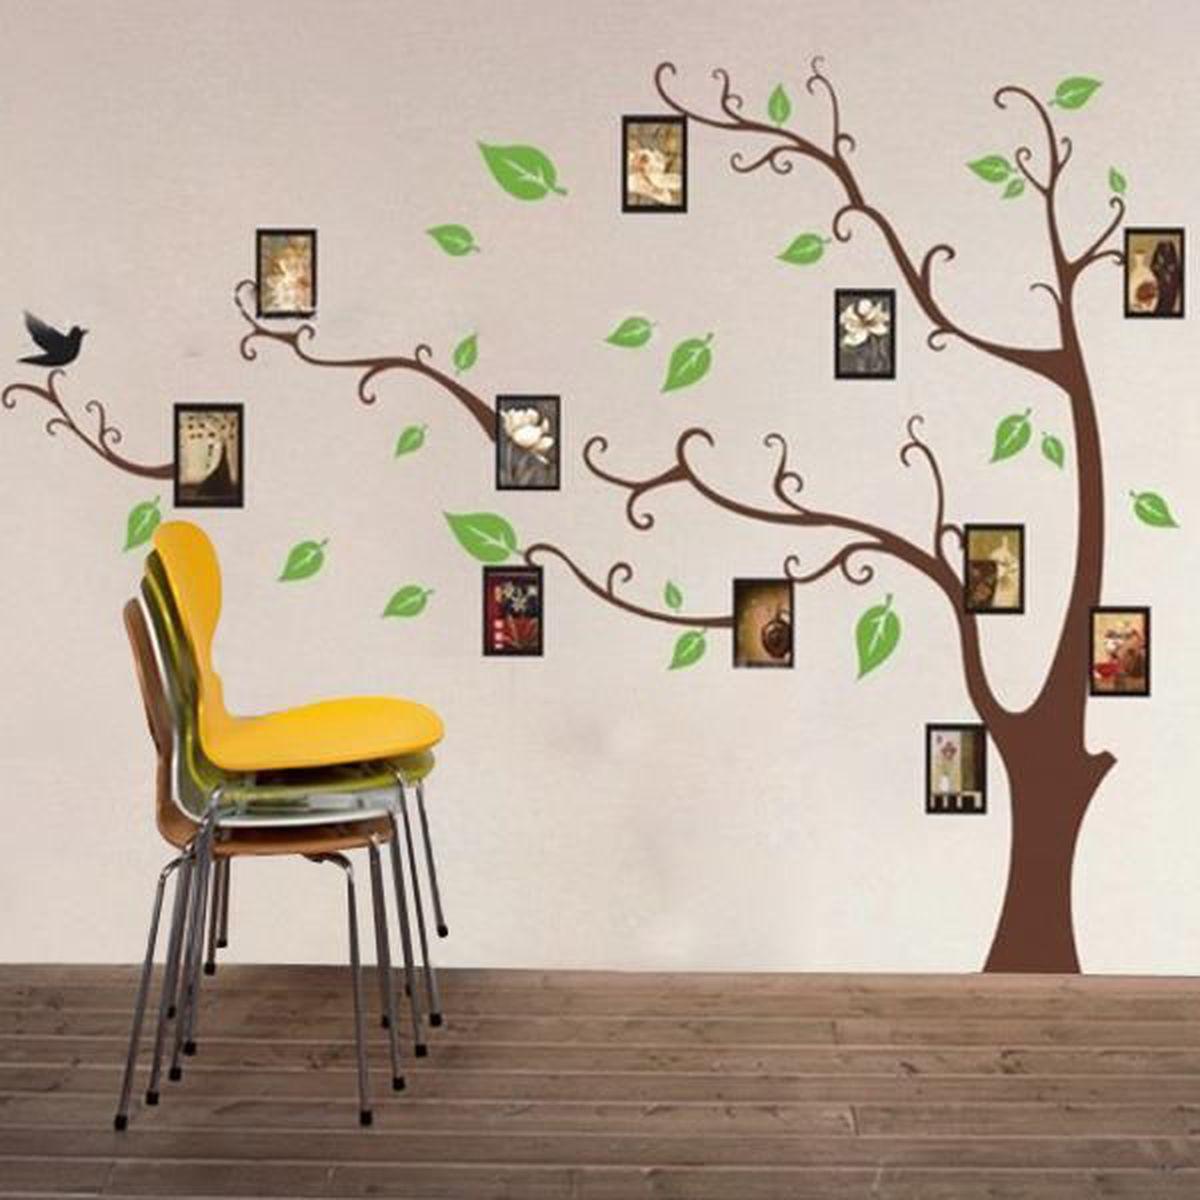 Sticker mural arbre photo autocollant d coration d cor diy for Autocollant mural arbre